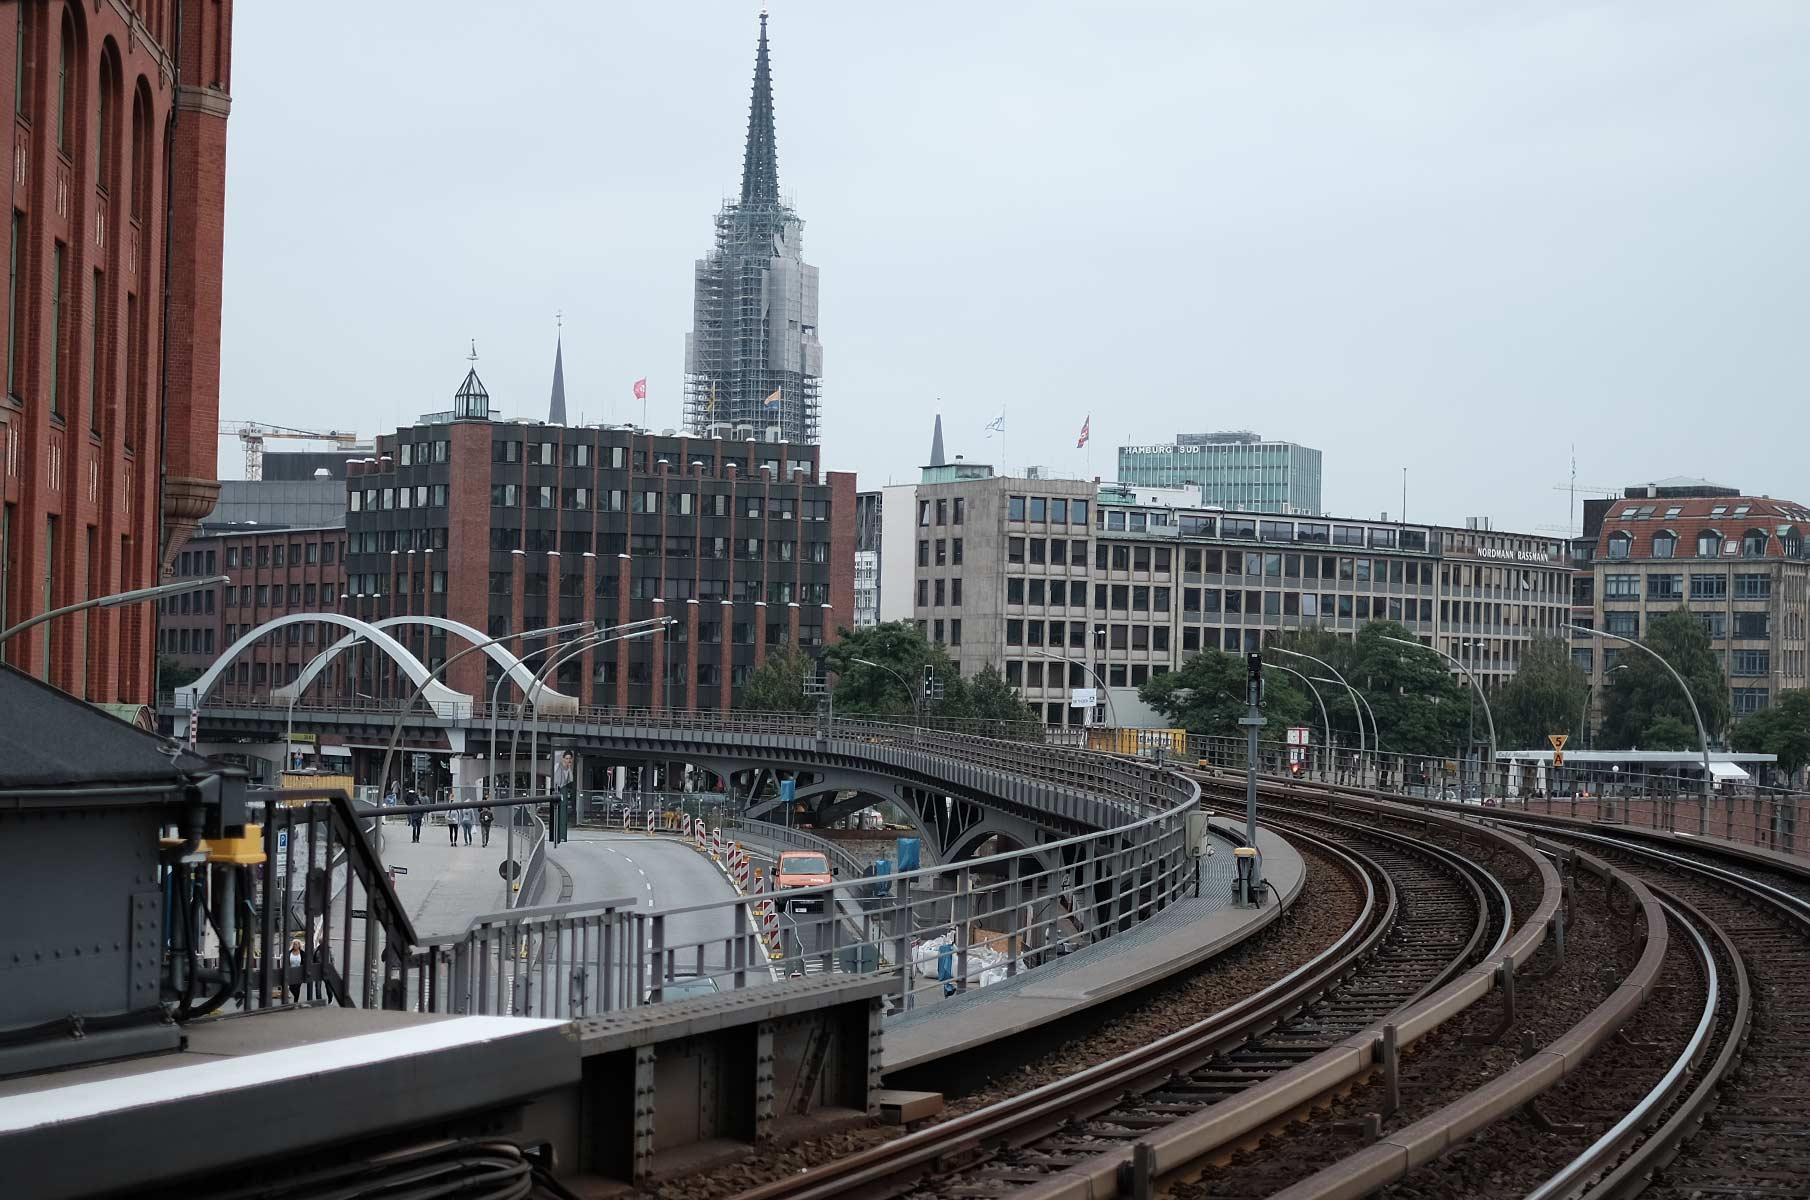 U-Bahn Haltestelle Baumwall in Hamburg